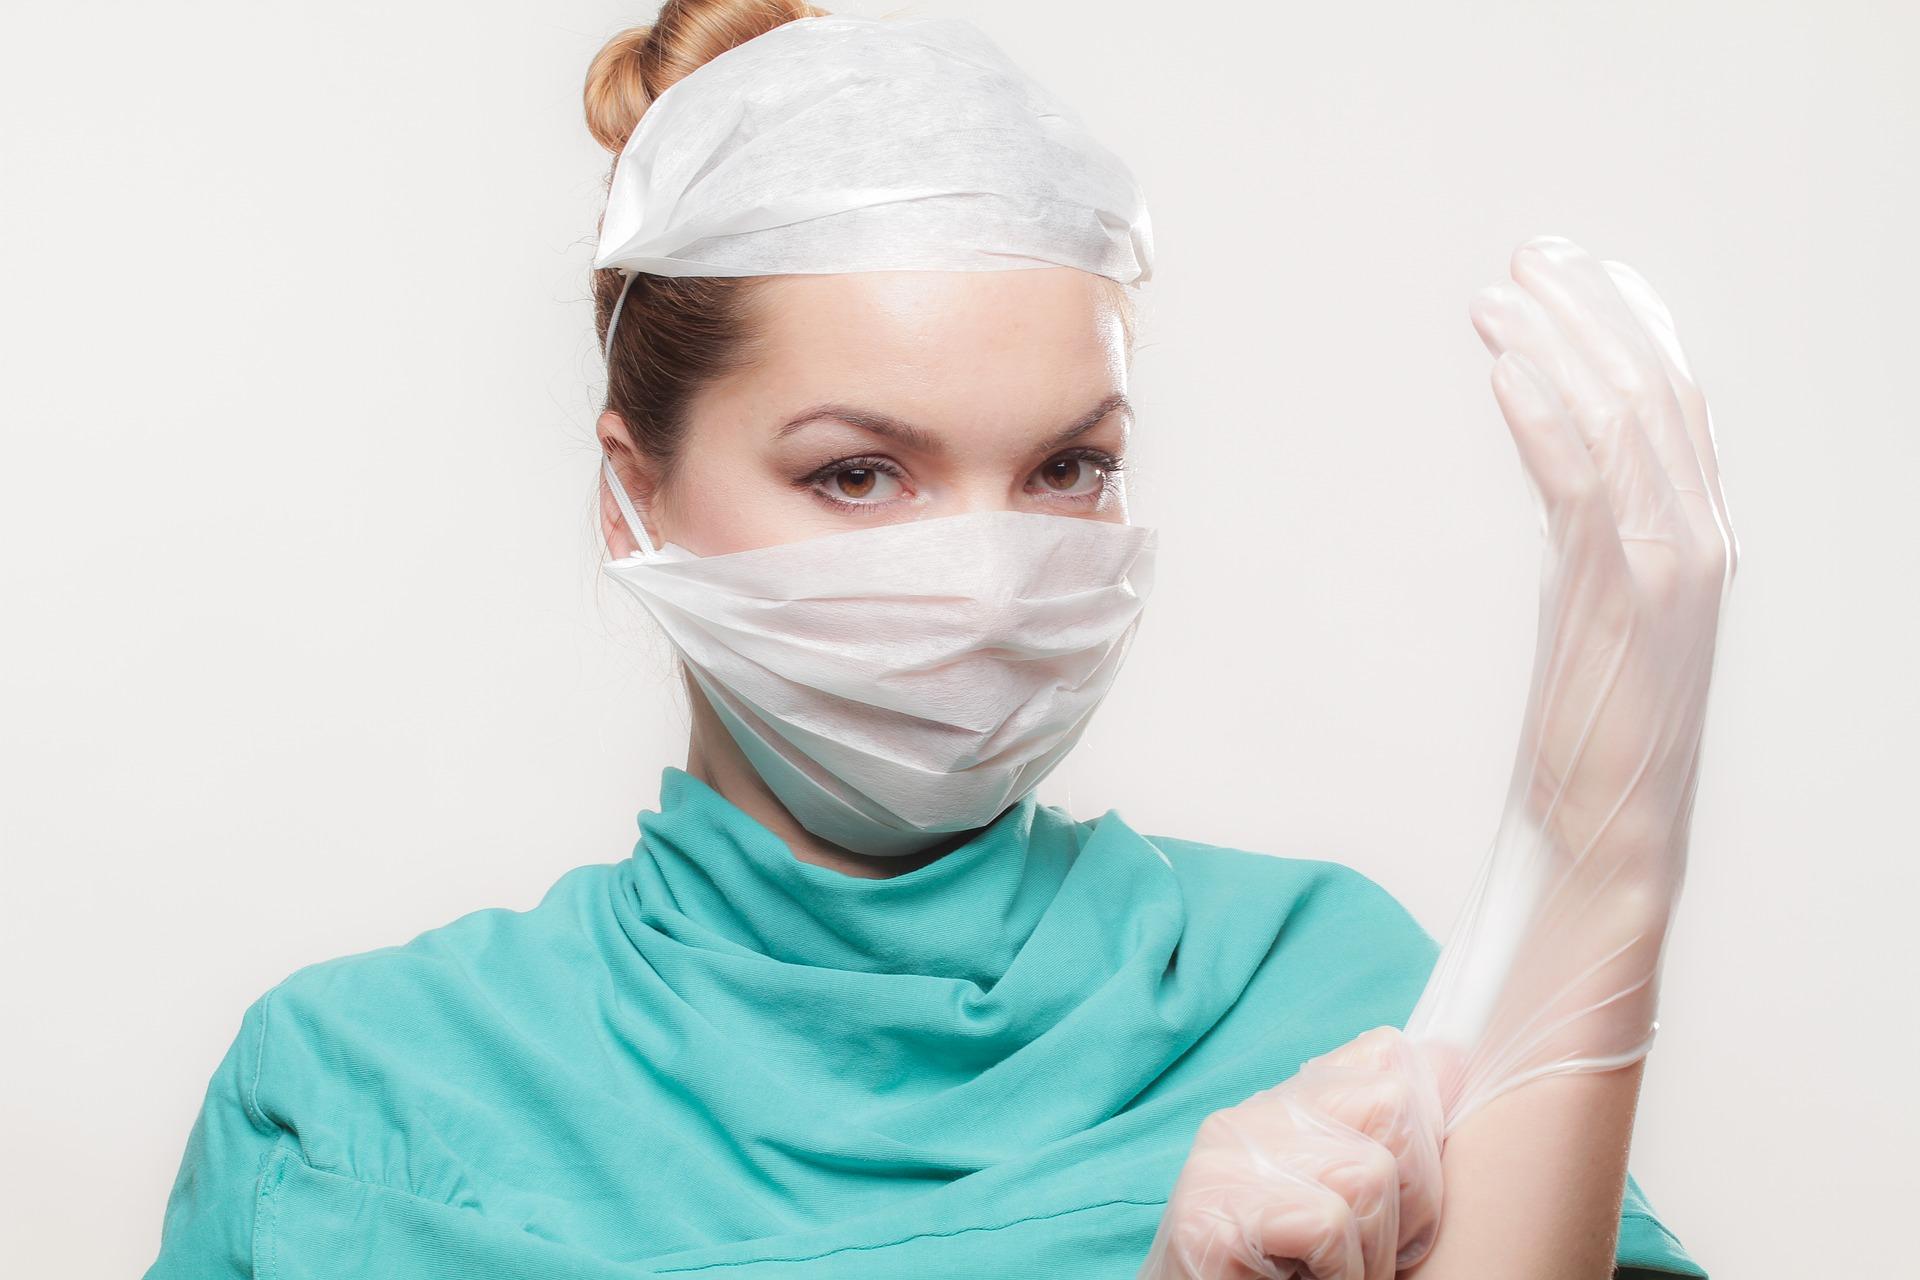 Az urológiai vizsgálat: mire számíts, mi fog történni? - Yelon